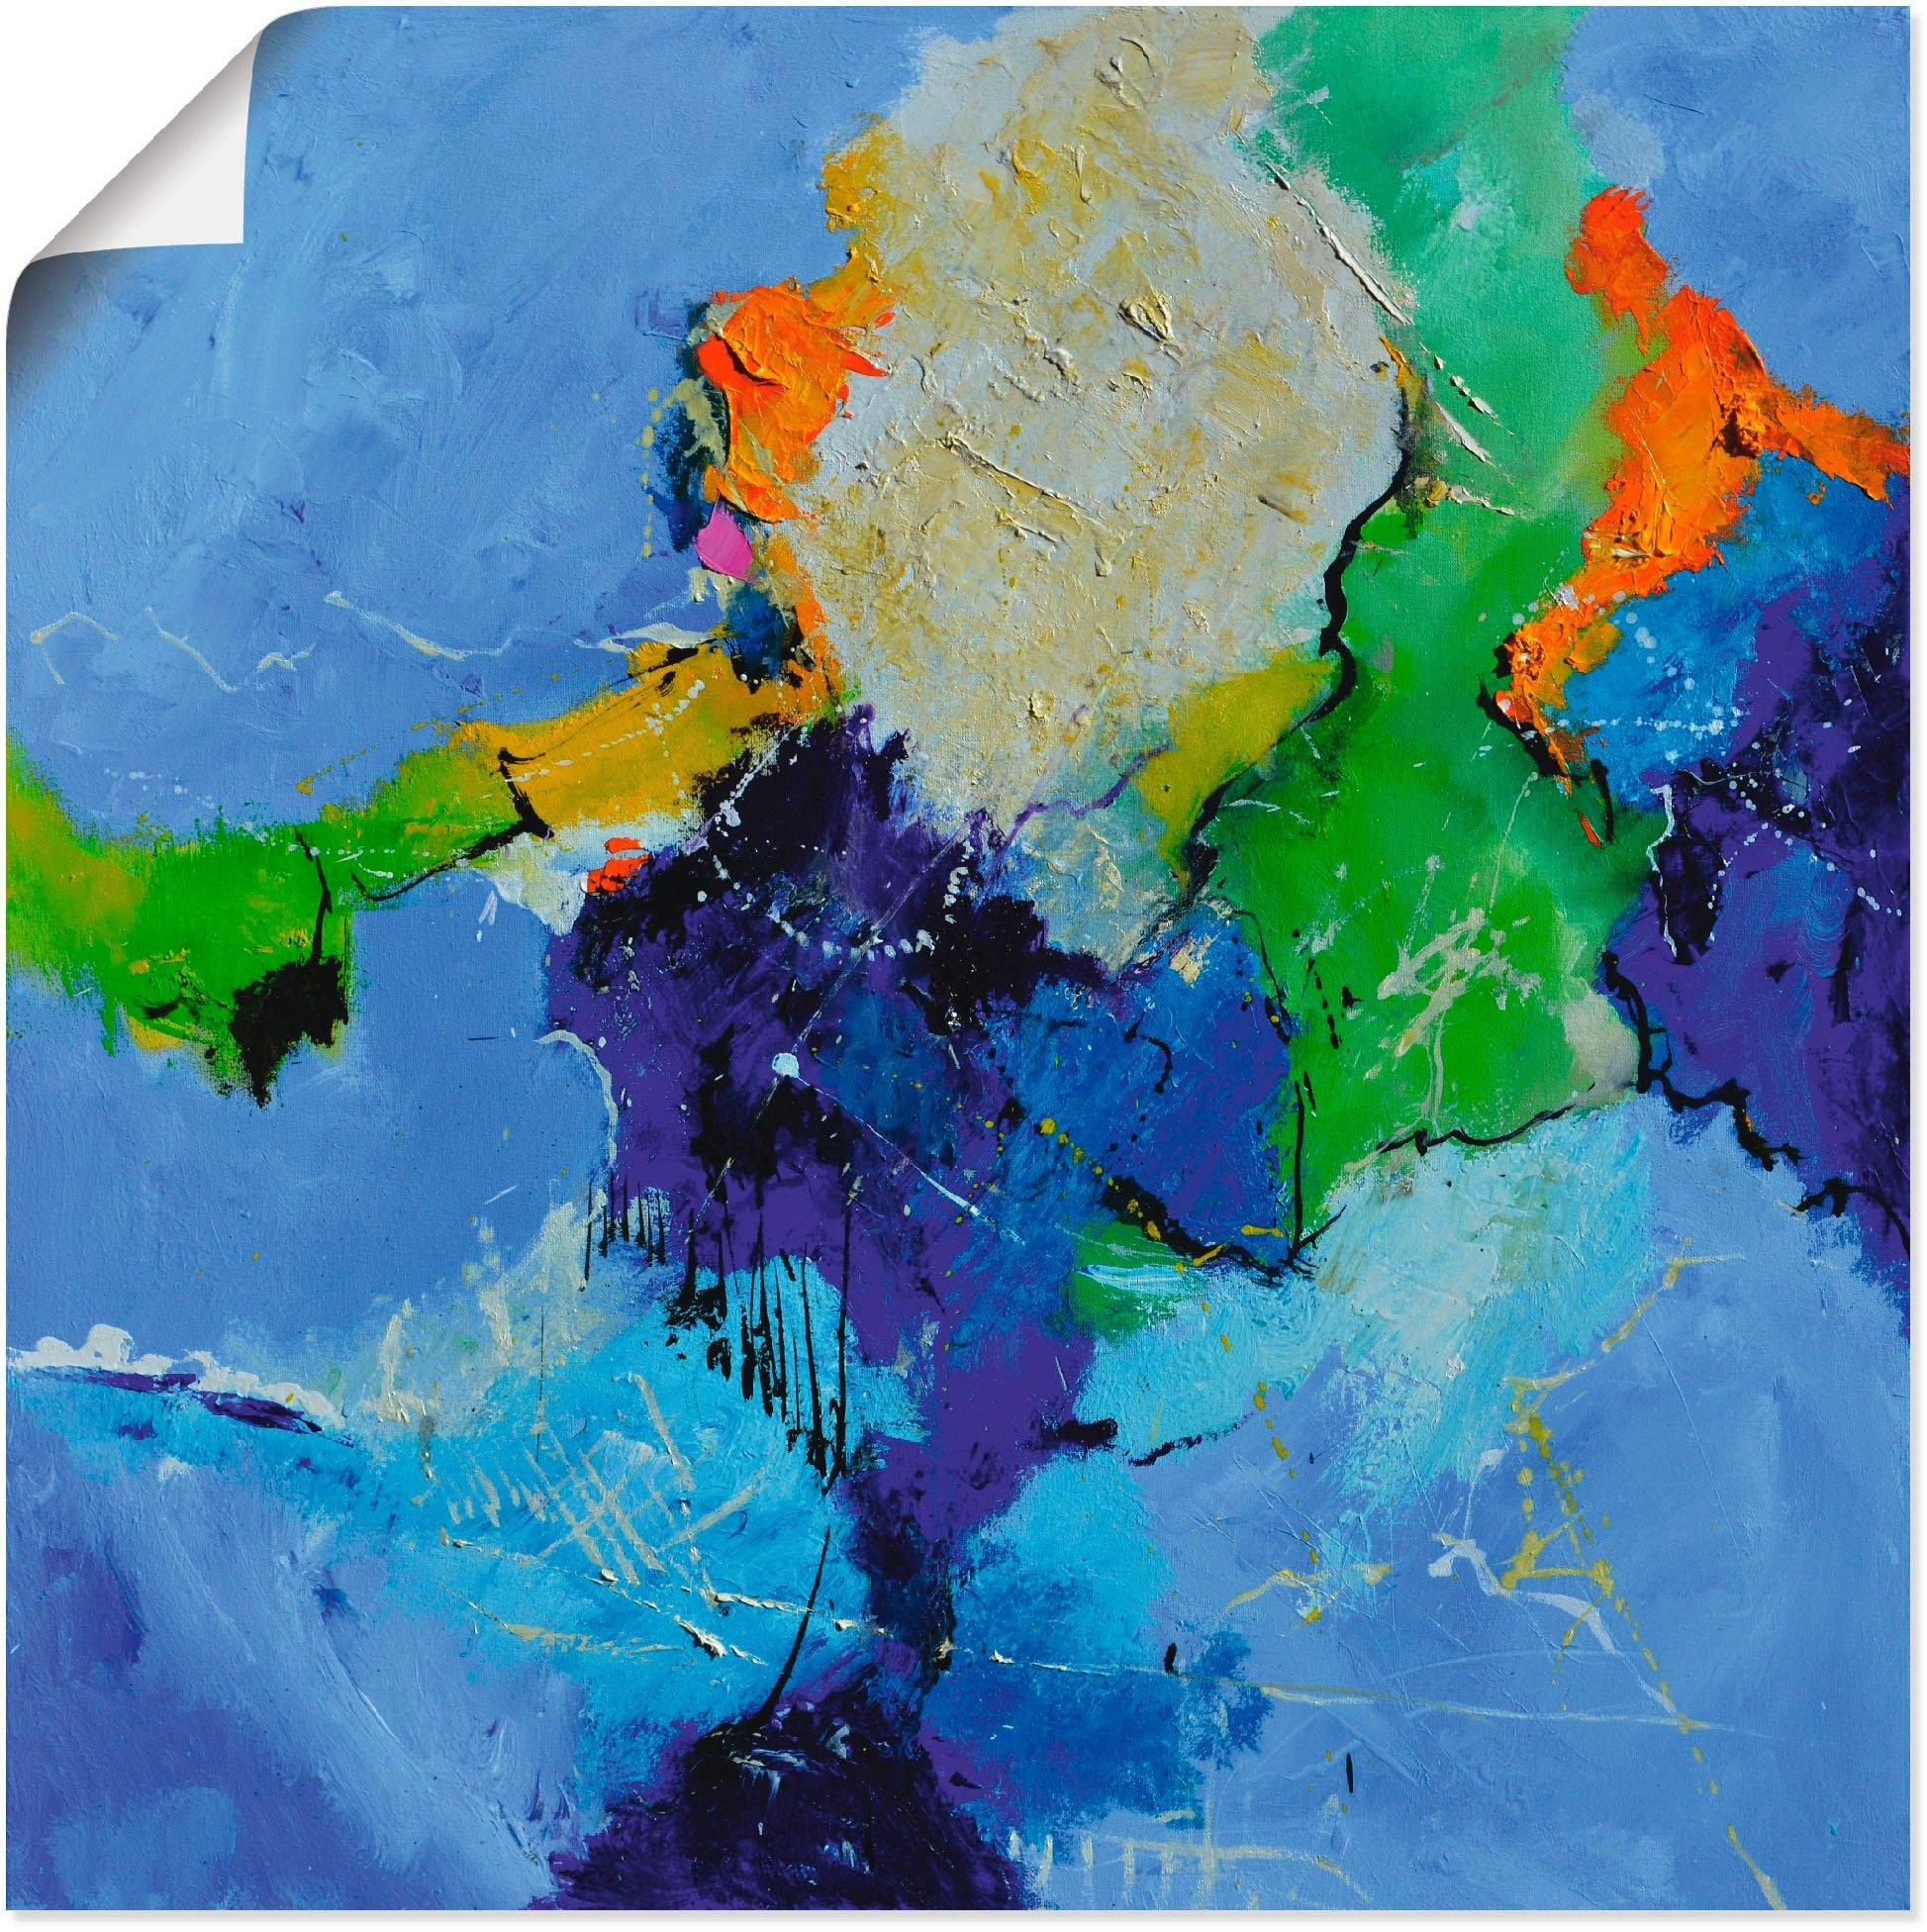 Artland artprint Abstract blauw in vele afmetingen & productsoorten - artprint van aluminium / artprint voor buiten, artprint op linnen, poster, muursticker / wandfolie ook geschikt voor de badkamer (1 stuk) voordelig en veilig online kopen